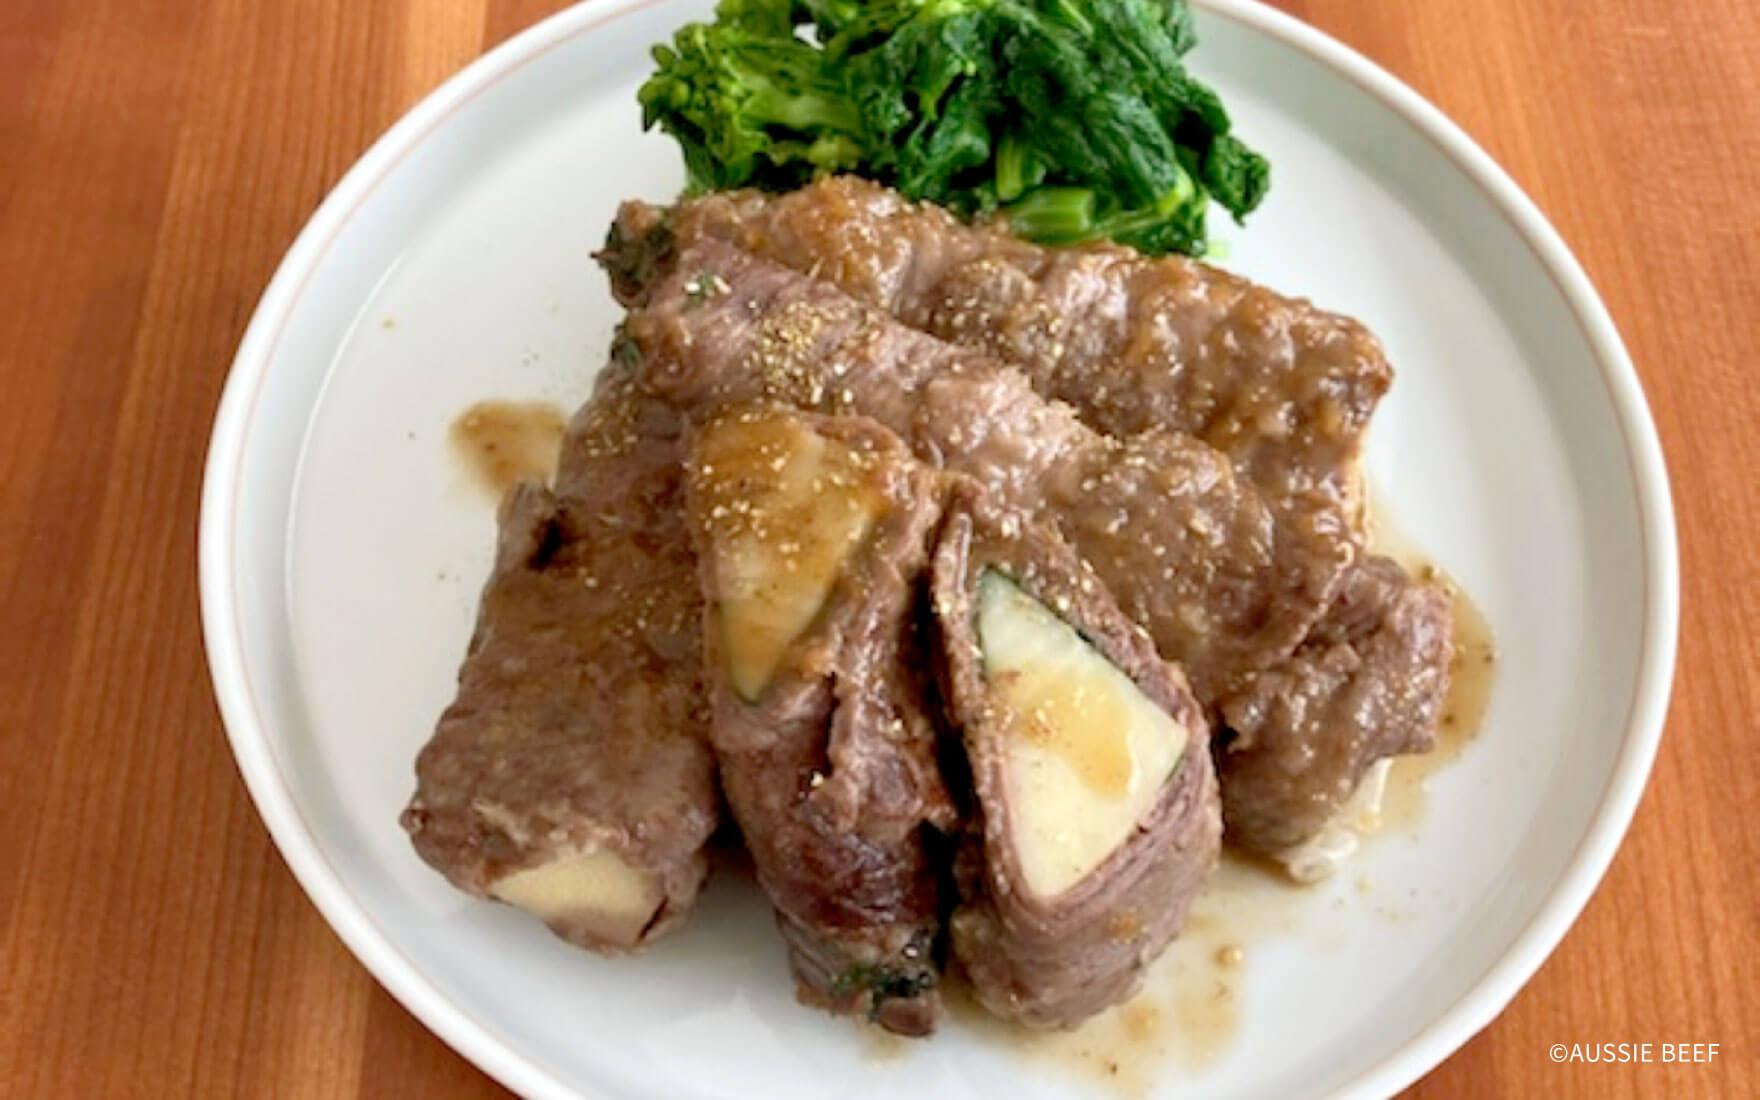 牛肉と、春の味覚・タケノコ/食物繊維とミネラルで栄養を補う